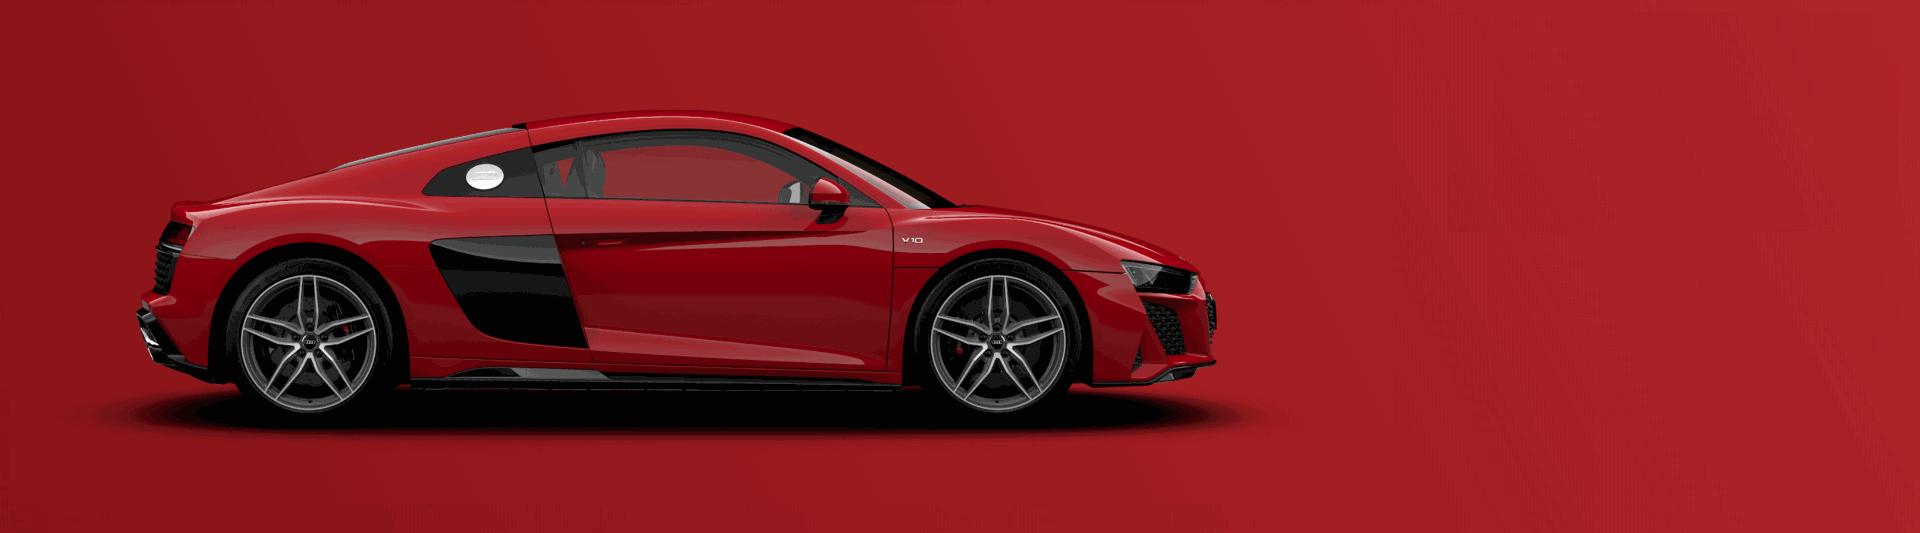 Actualités News Audi Nouveaux modèles promo privé